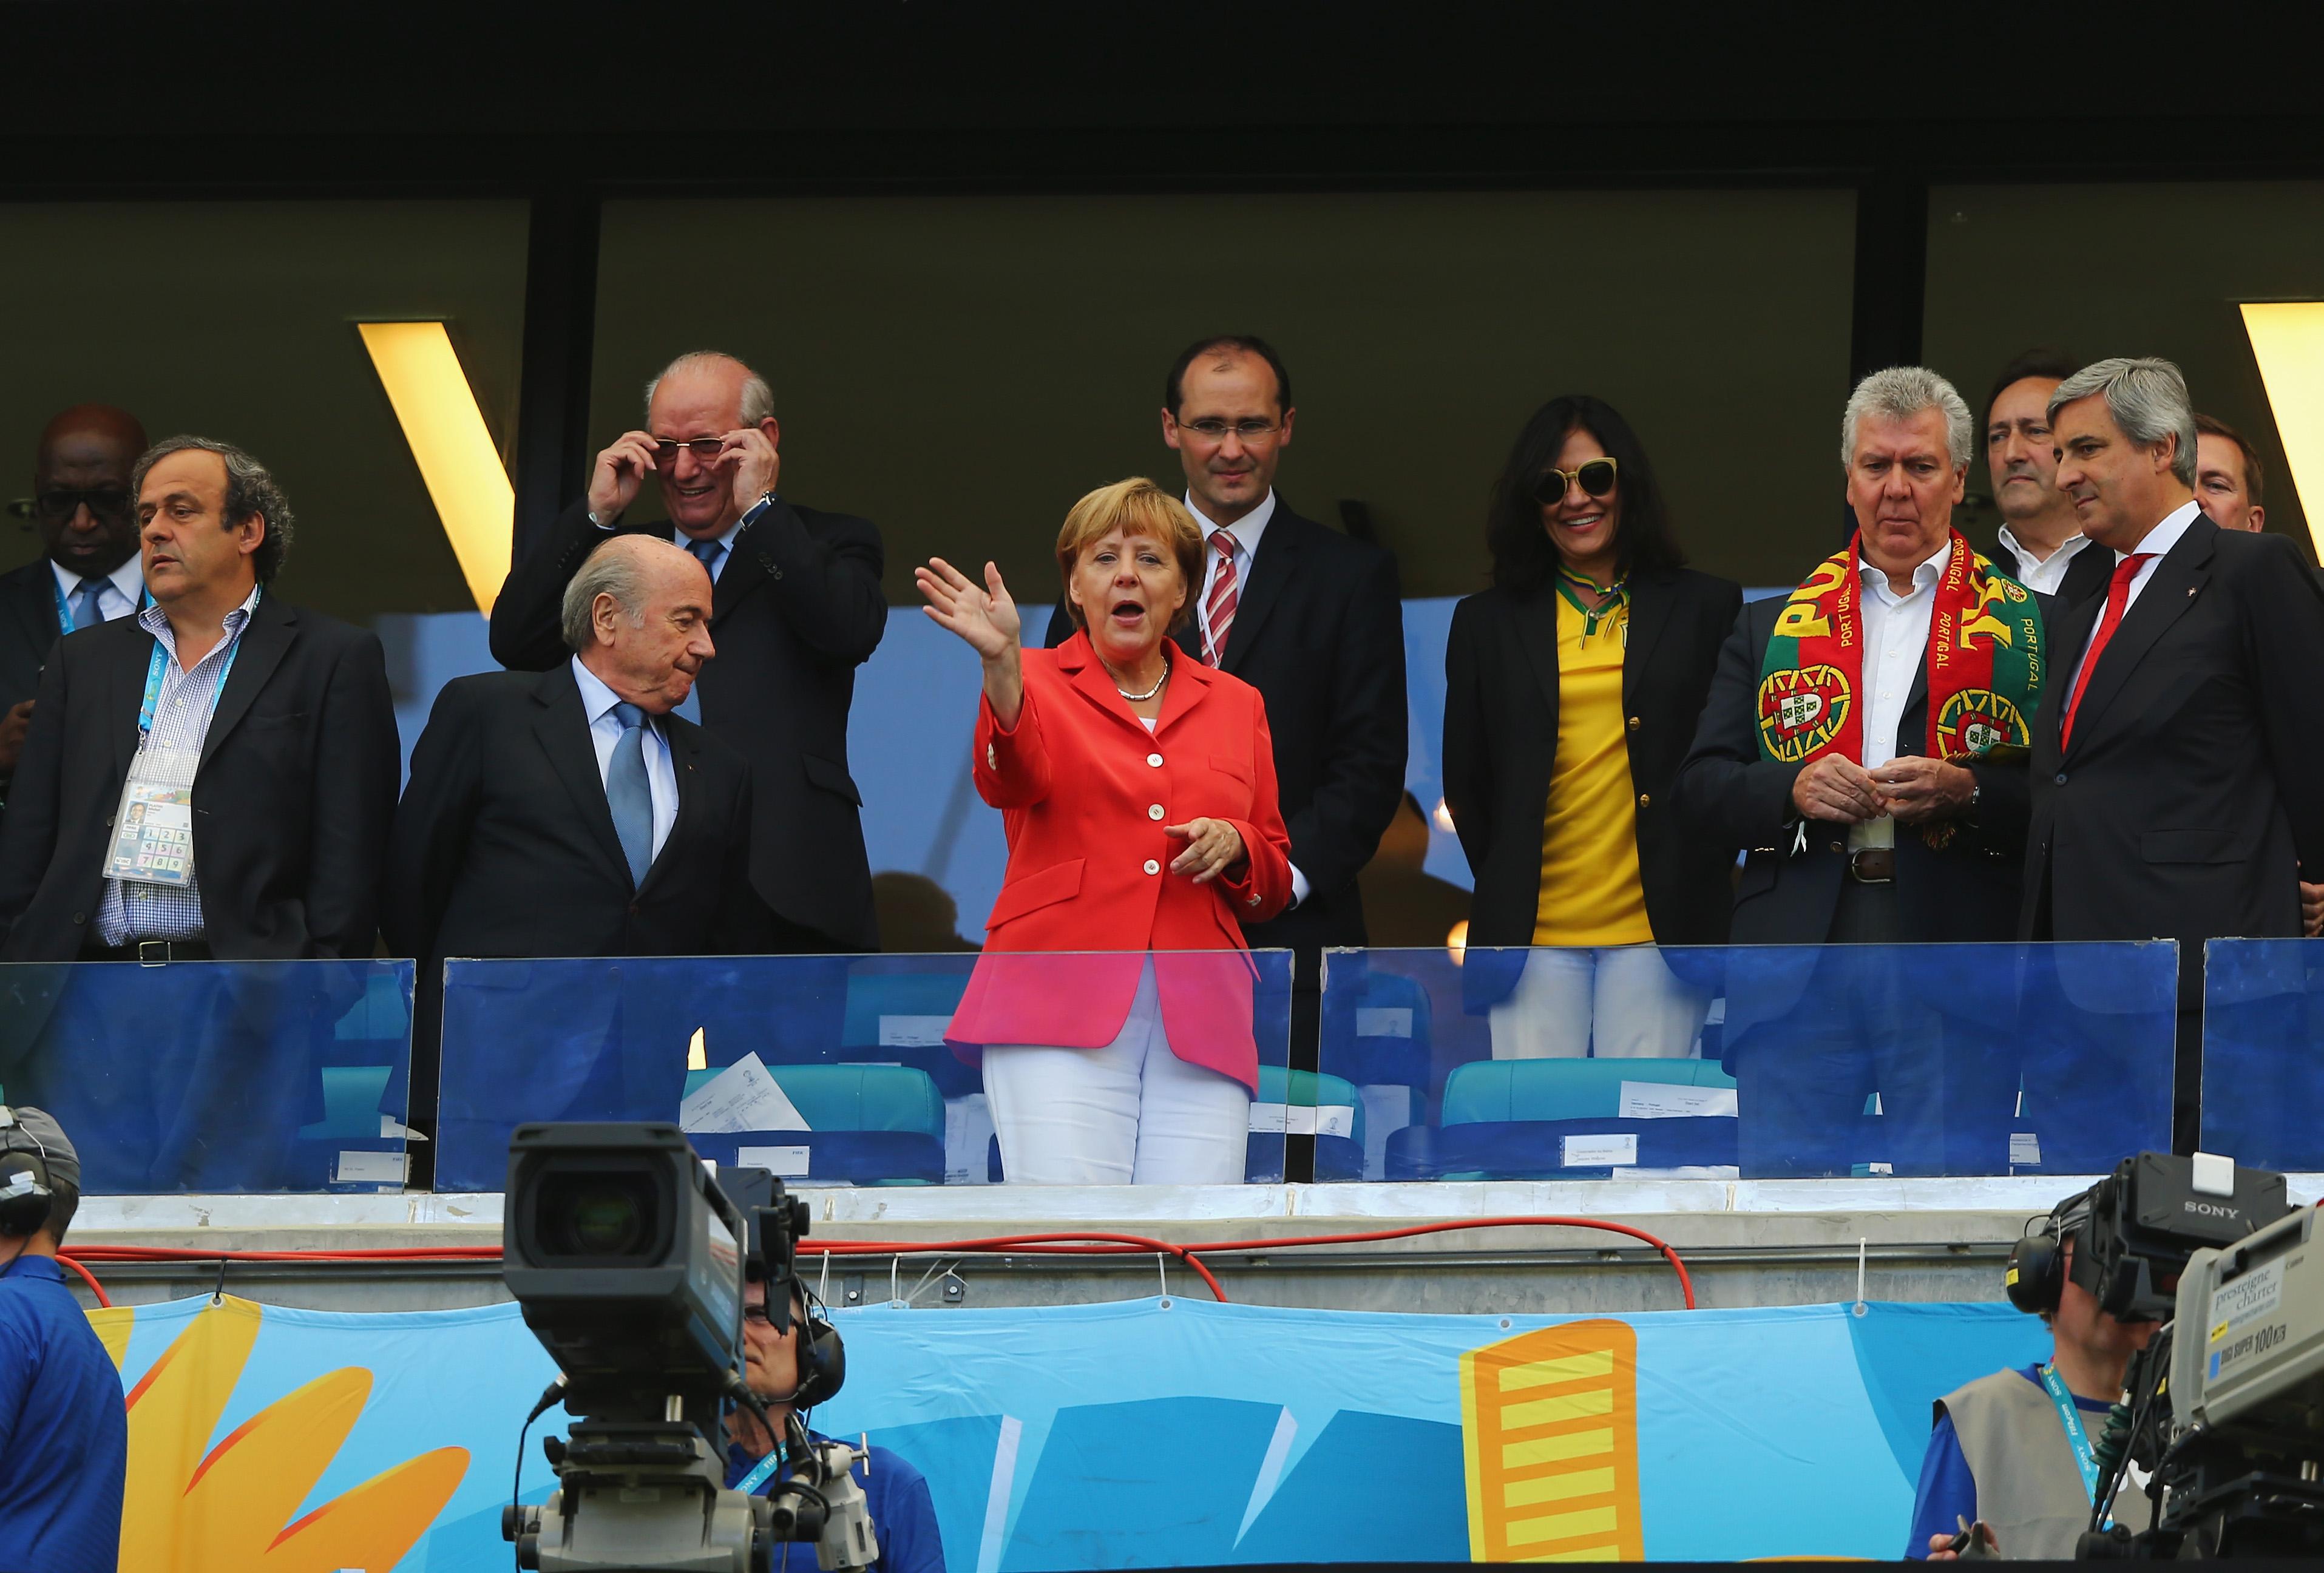 Ангела Меркель на поединке Германия - Португалия